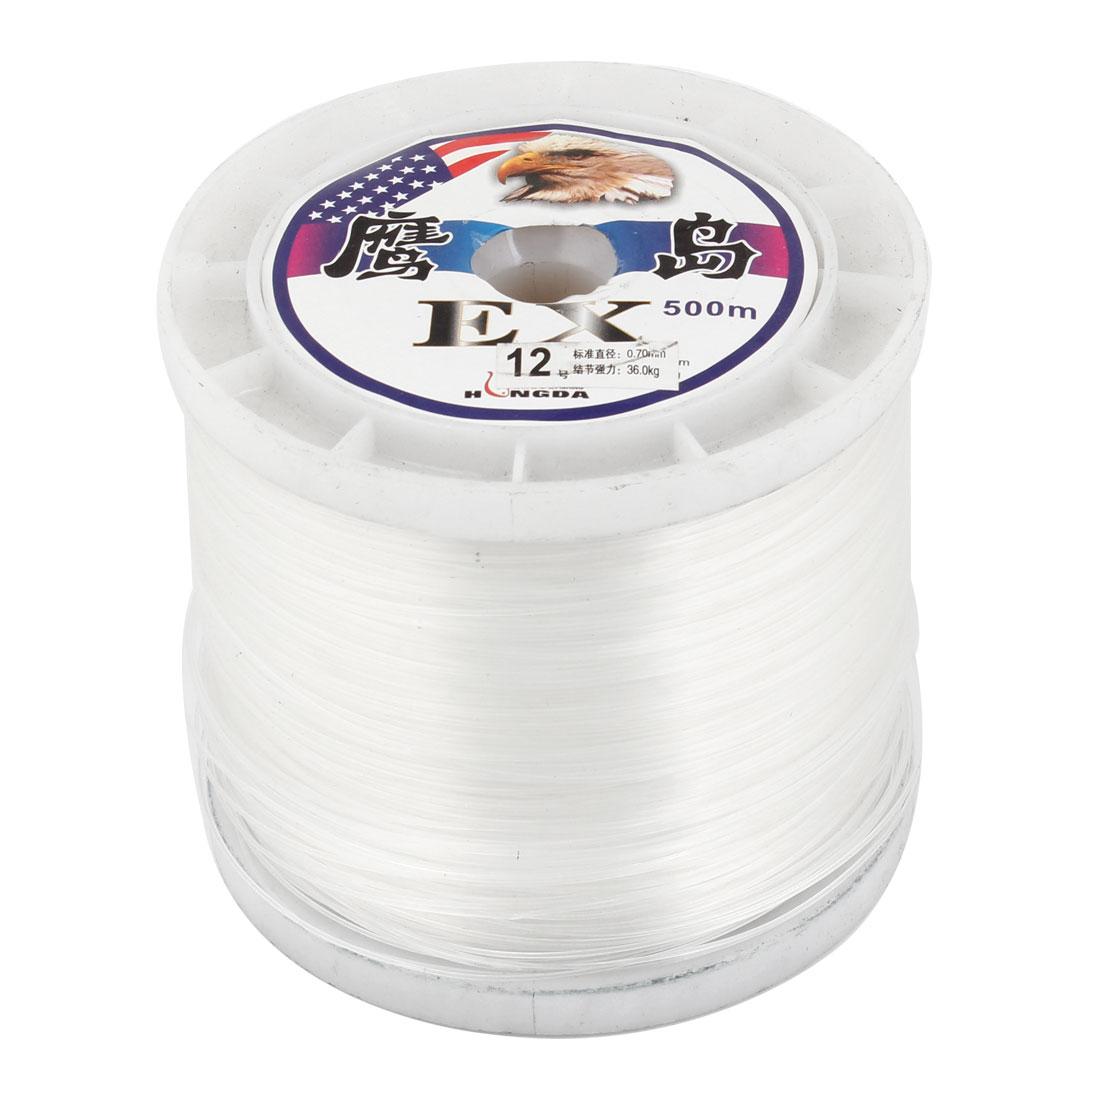 0.70mm Diameter 500M Thread 36Kg 79.4 lb Fishing Line Spool White